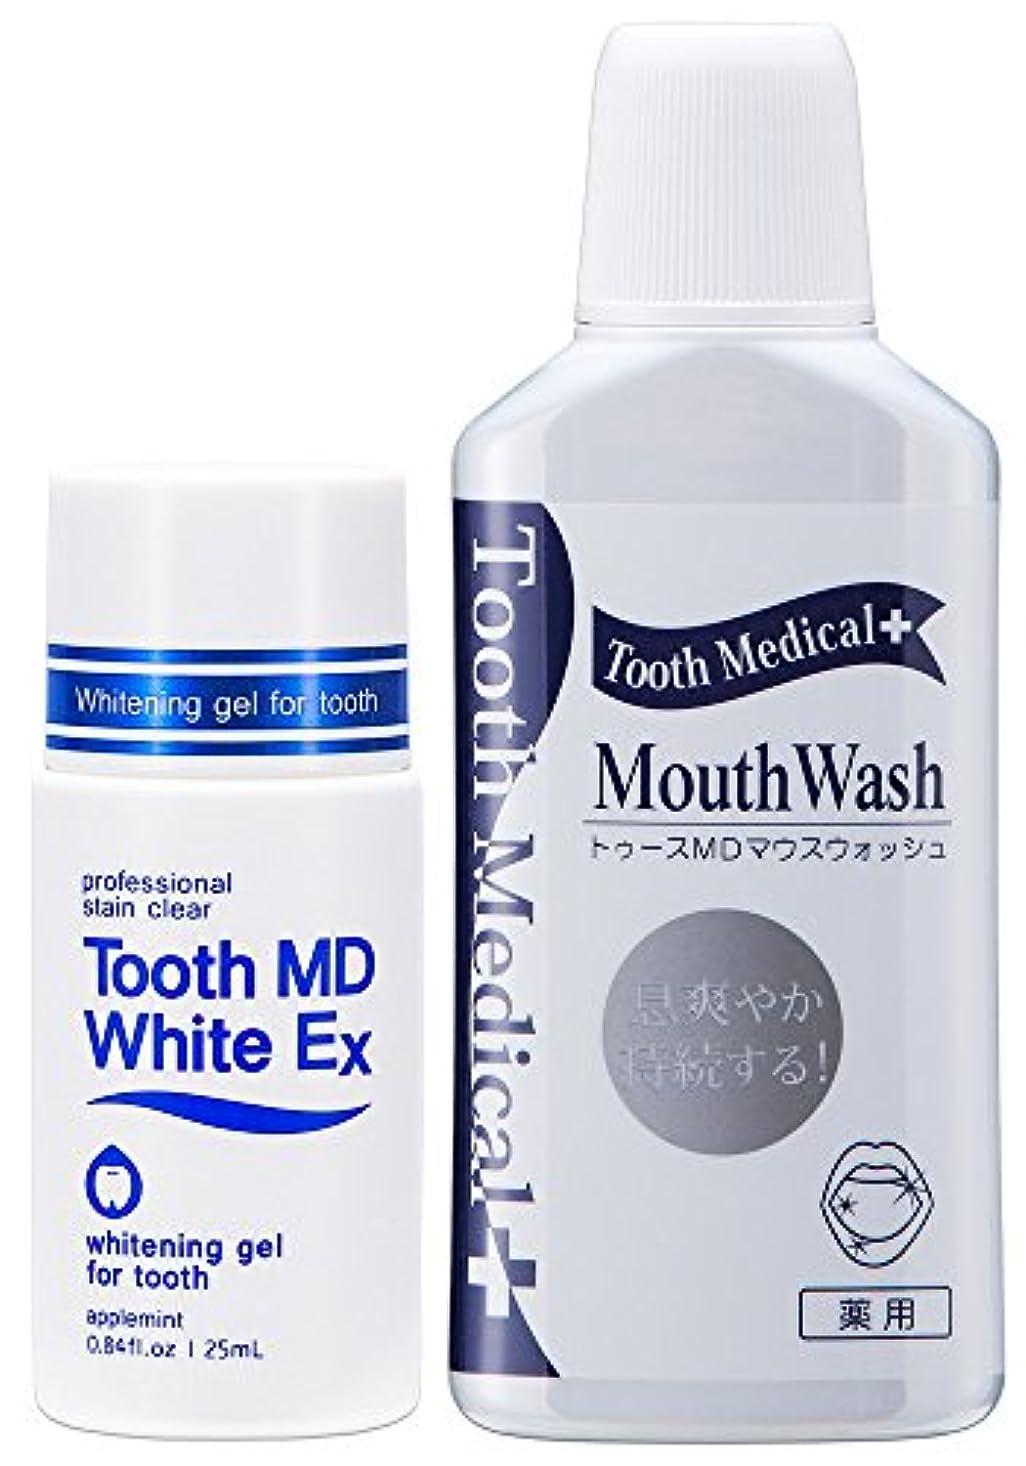 お勧め追加いわゆるトゥースMDホワイトEX+トゥースメディカルウォッシュ セット[歯のホワイトニング/口臭予防]